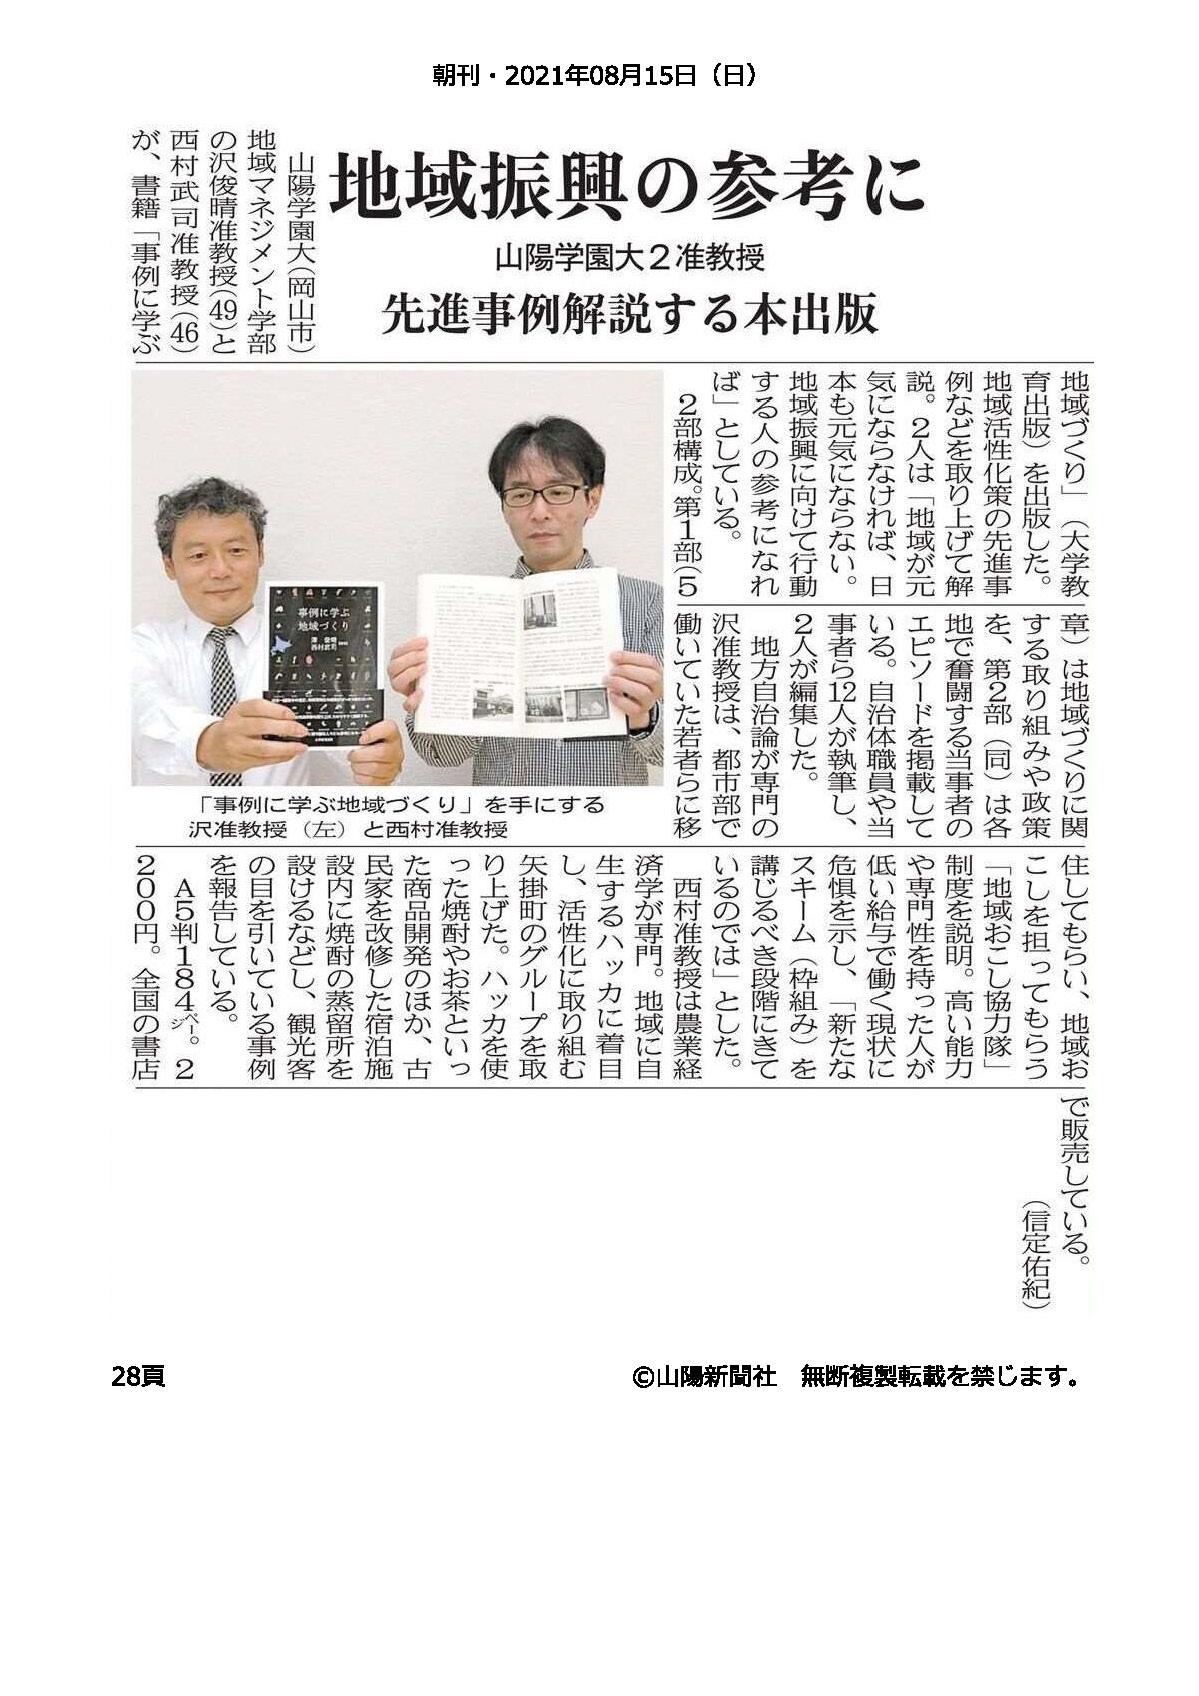 山陽学園大2准教授先進事例解説する本出版20210815 (1)